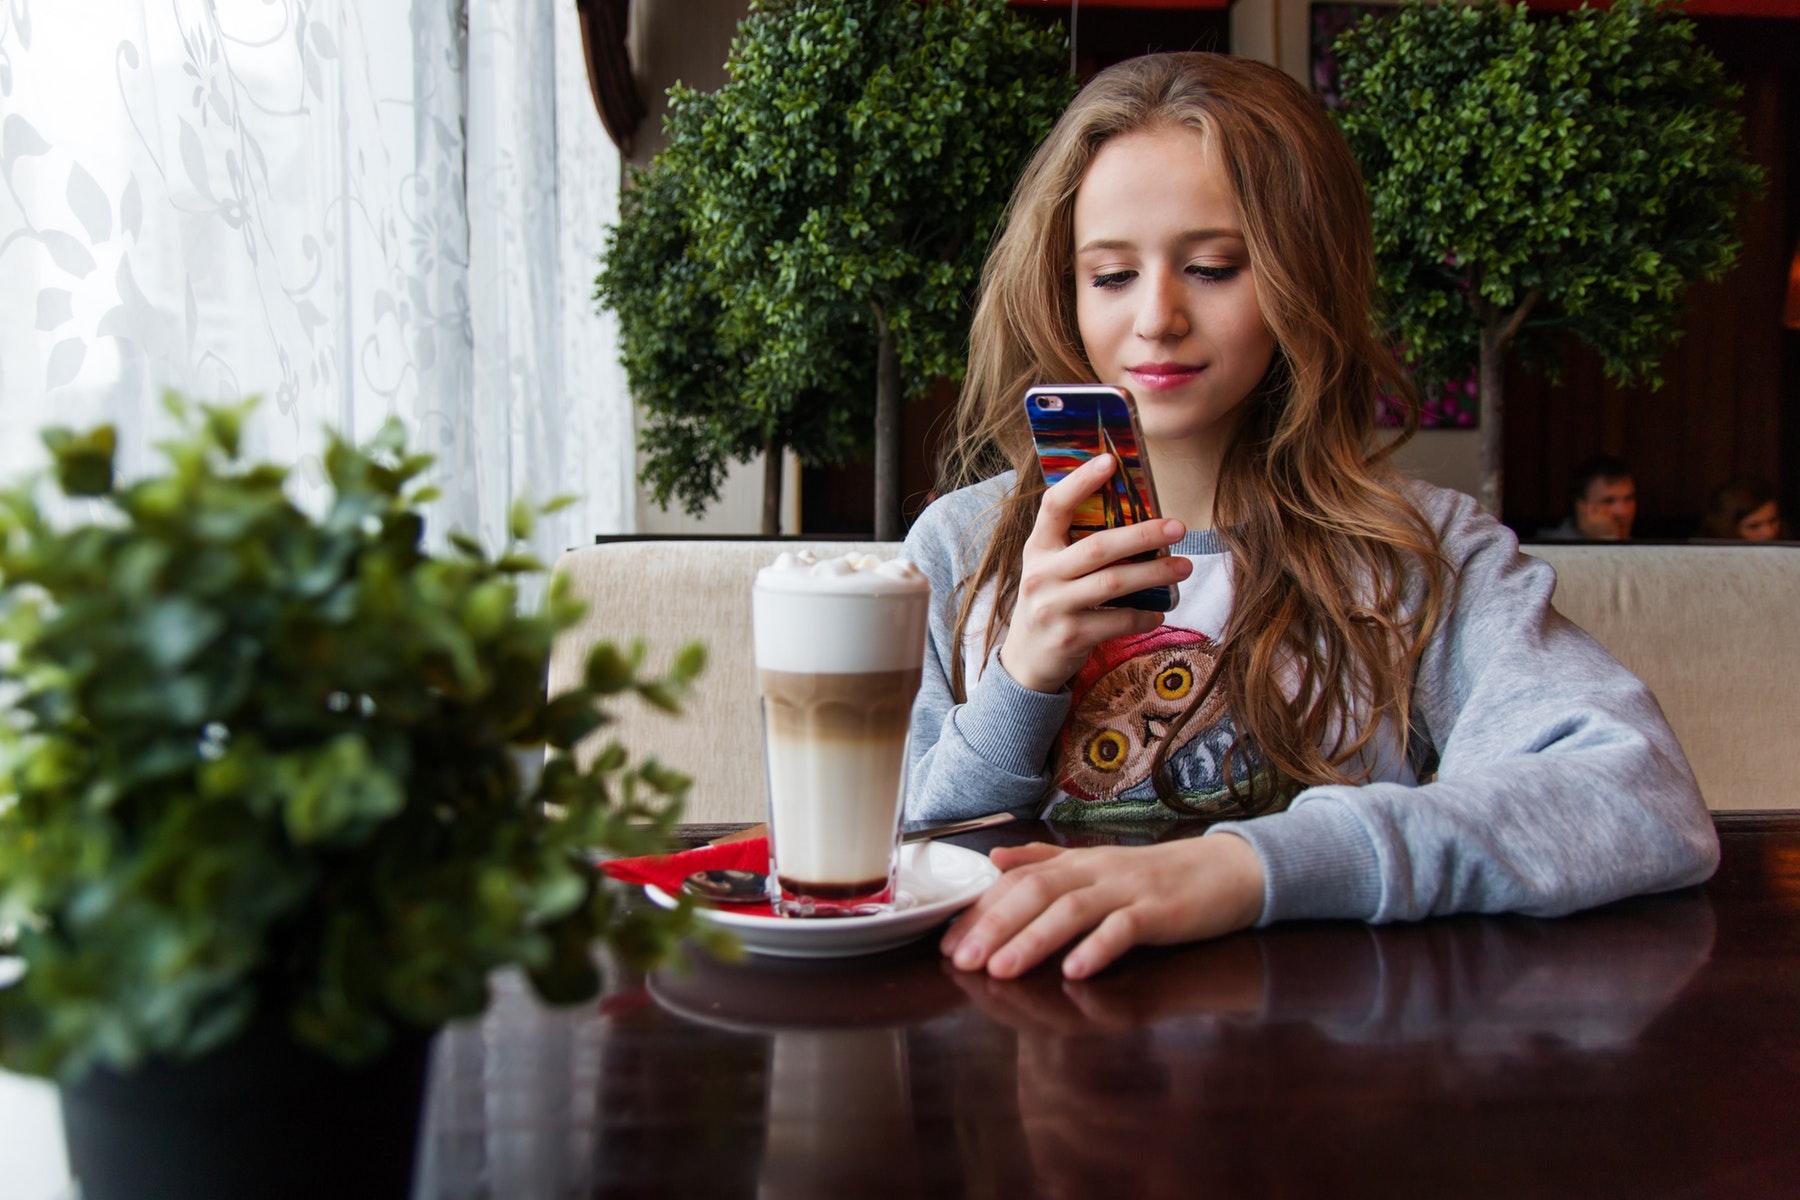 mobil, mobilafhængighed, forbrug, mobilforbrug, liv, overvågning, space